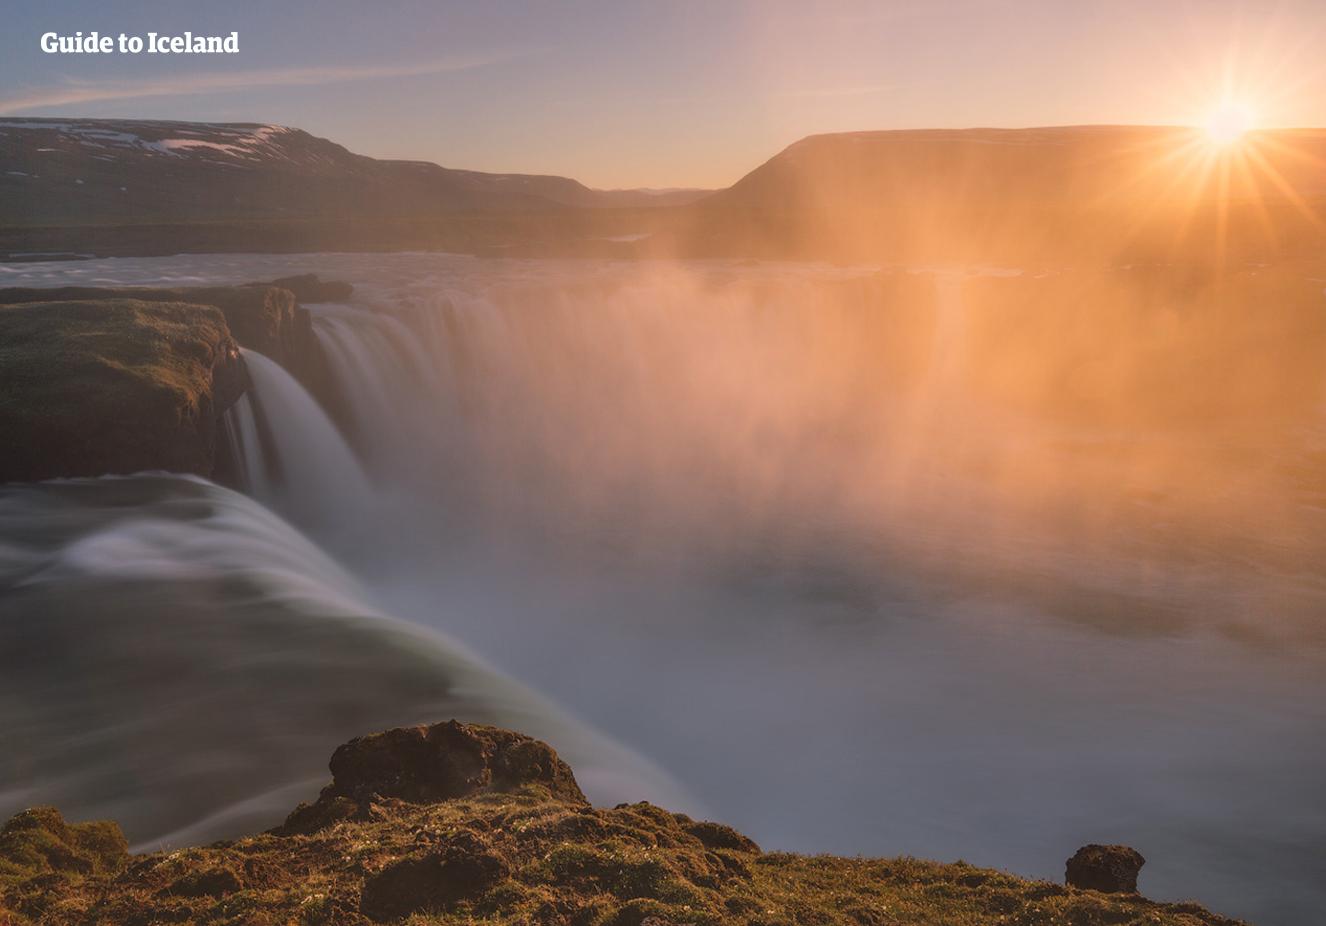 Dramatyczny wodospad na północy Islandii Goðafoss jest miejscem, w którym Islandczycy oficjalnie nawrócili się na chrześcijaństwo w 1000 ne.